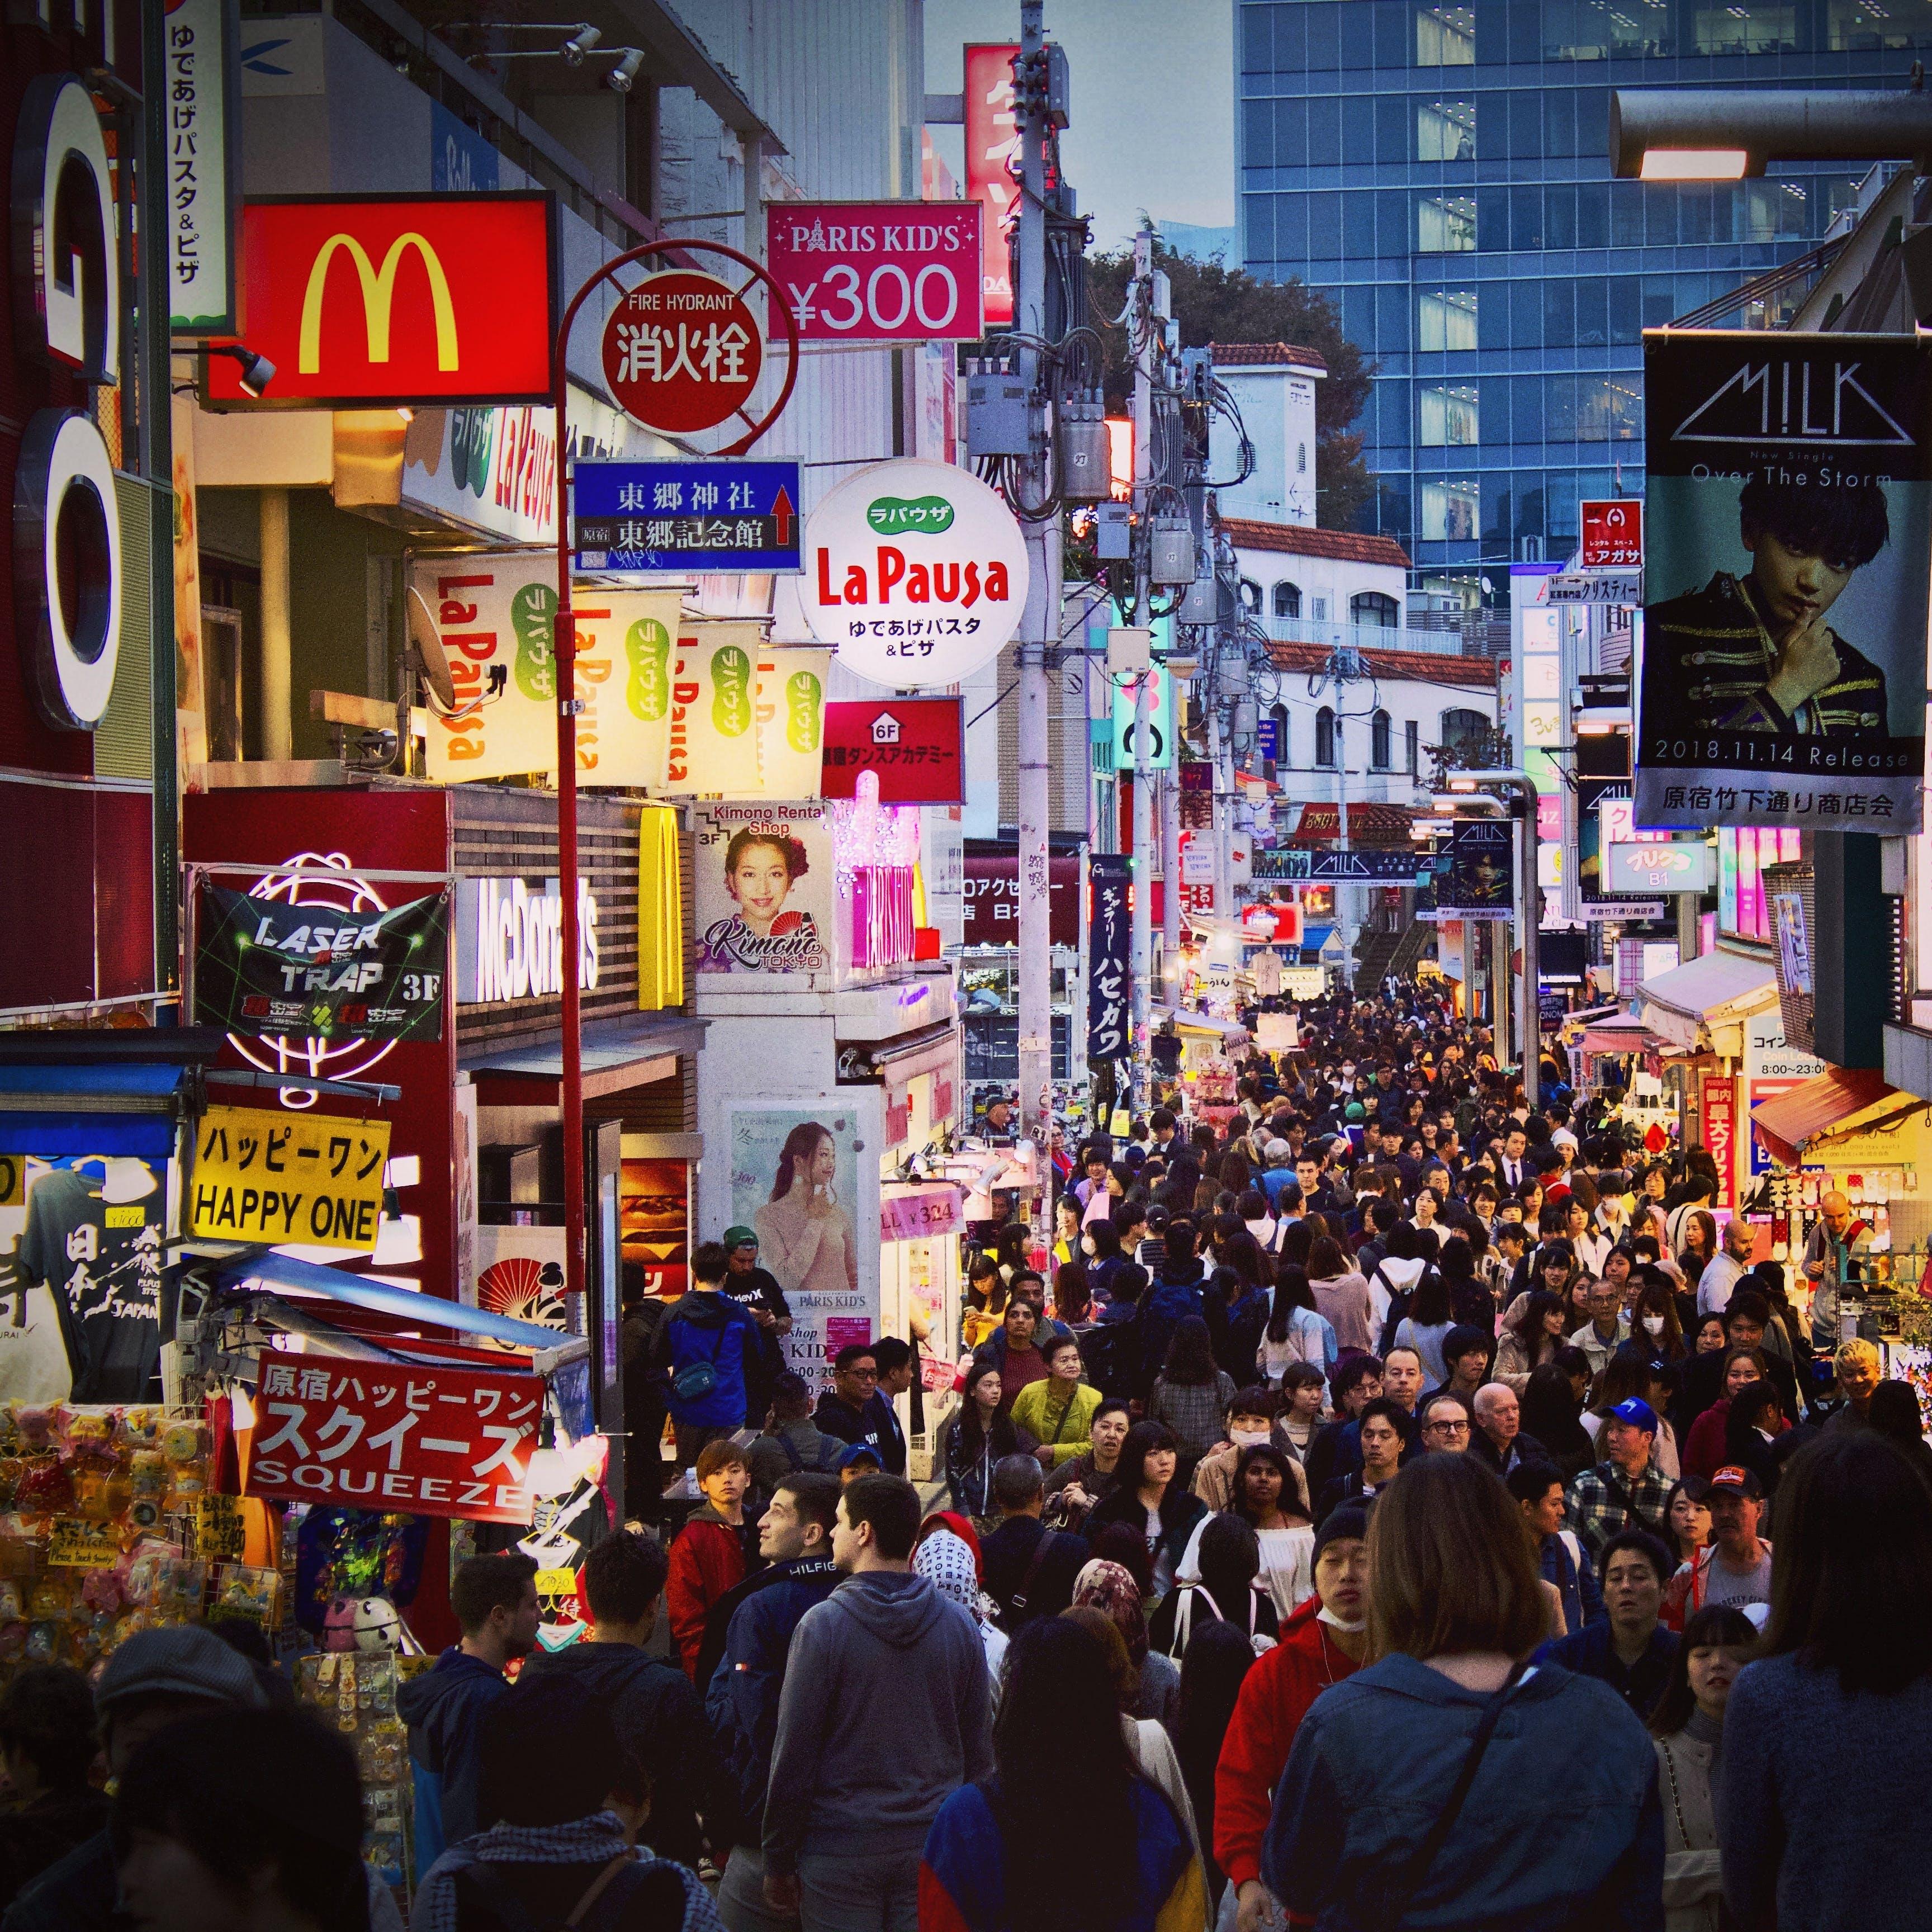 Free stock photo of #tokyo #takeshitastreet #neonlights #neonsigns